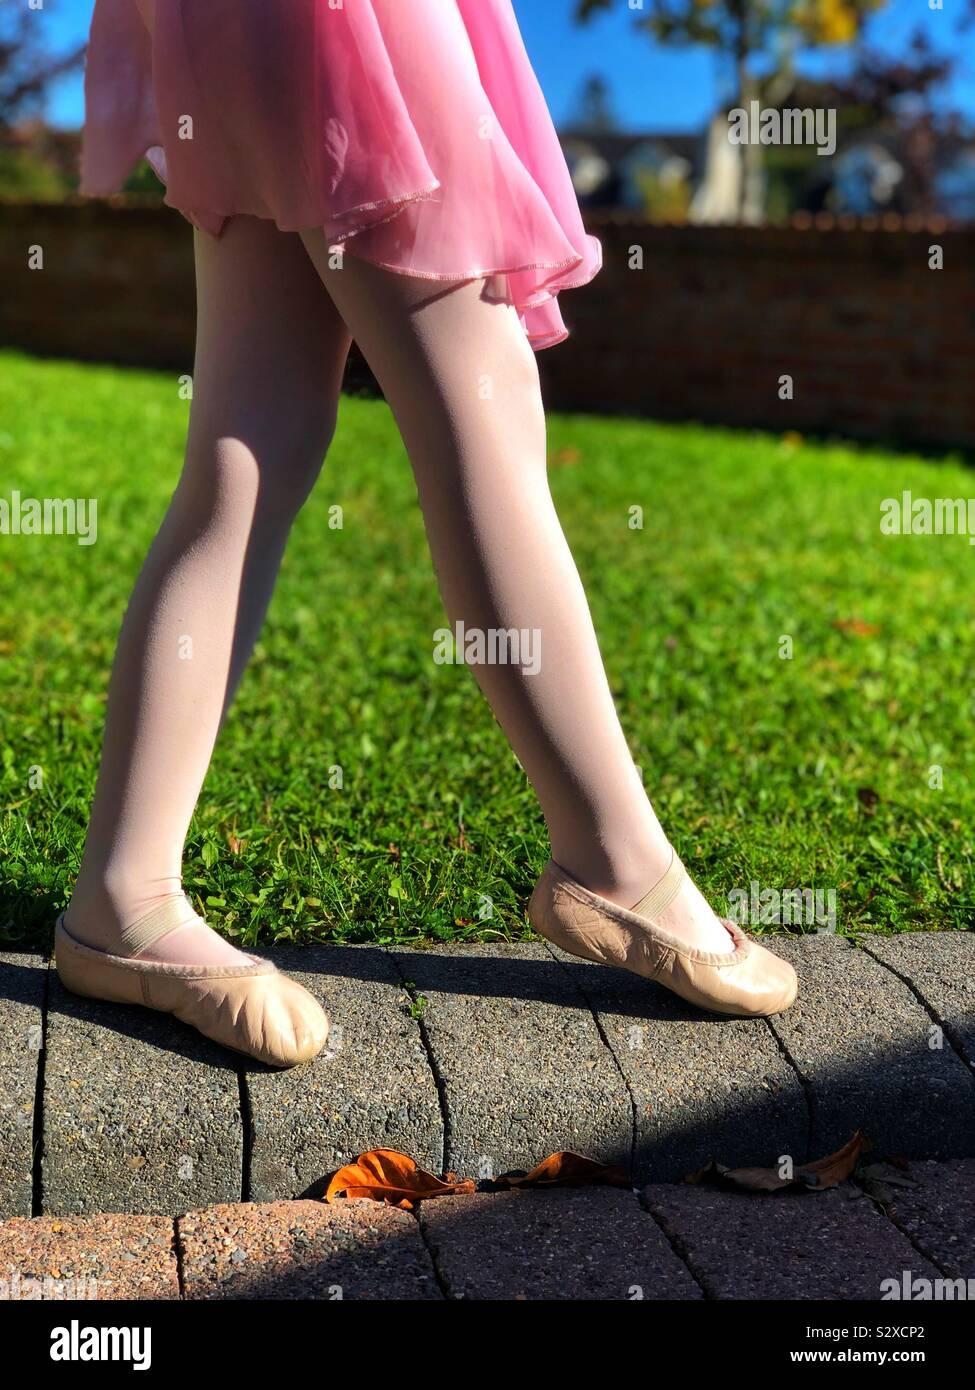 Spitze Zehen Stockfotos & Spitze Zehen Bilder Alamy